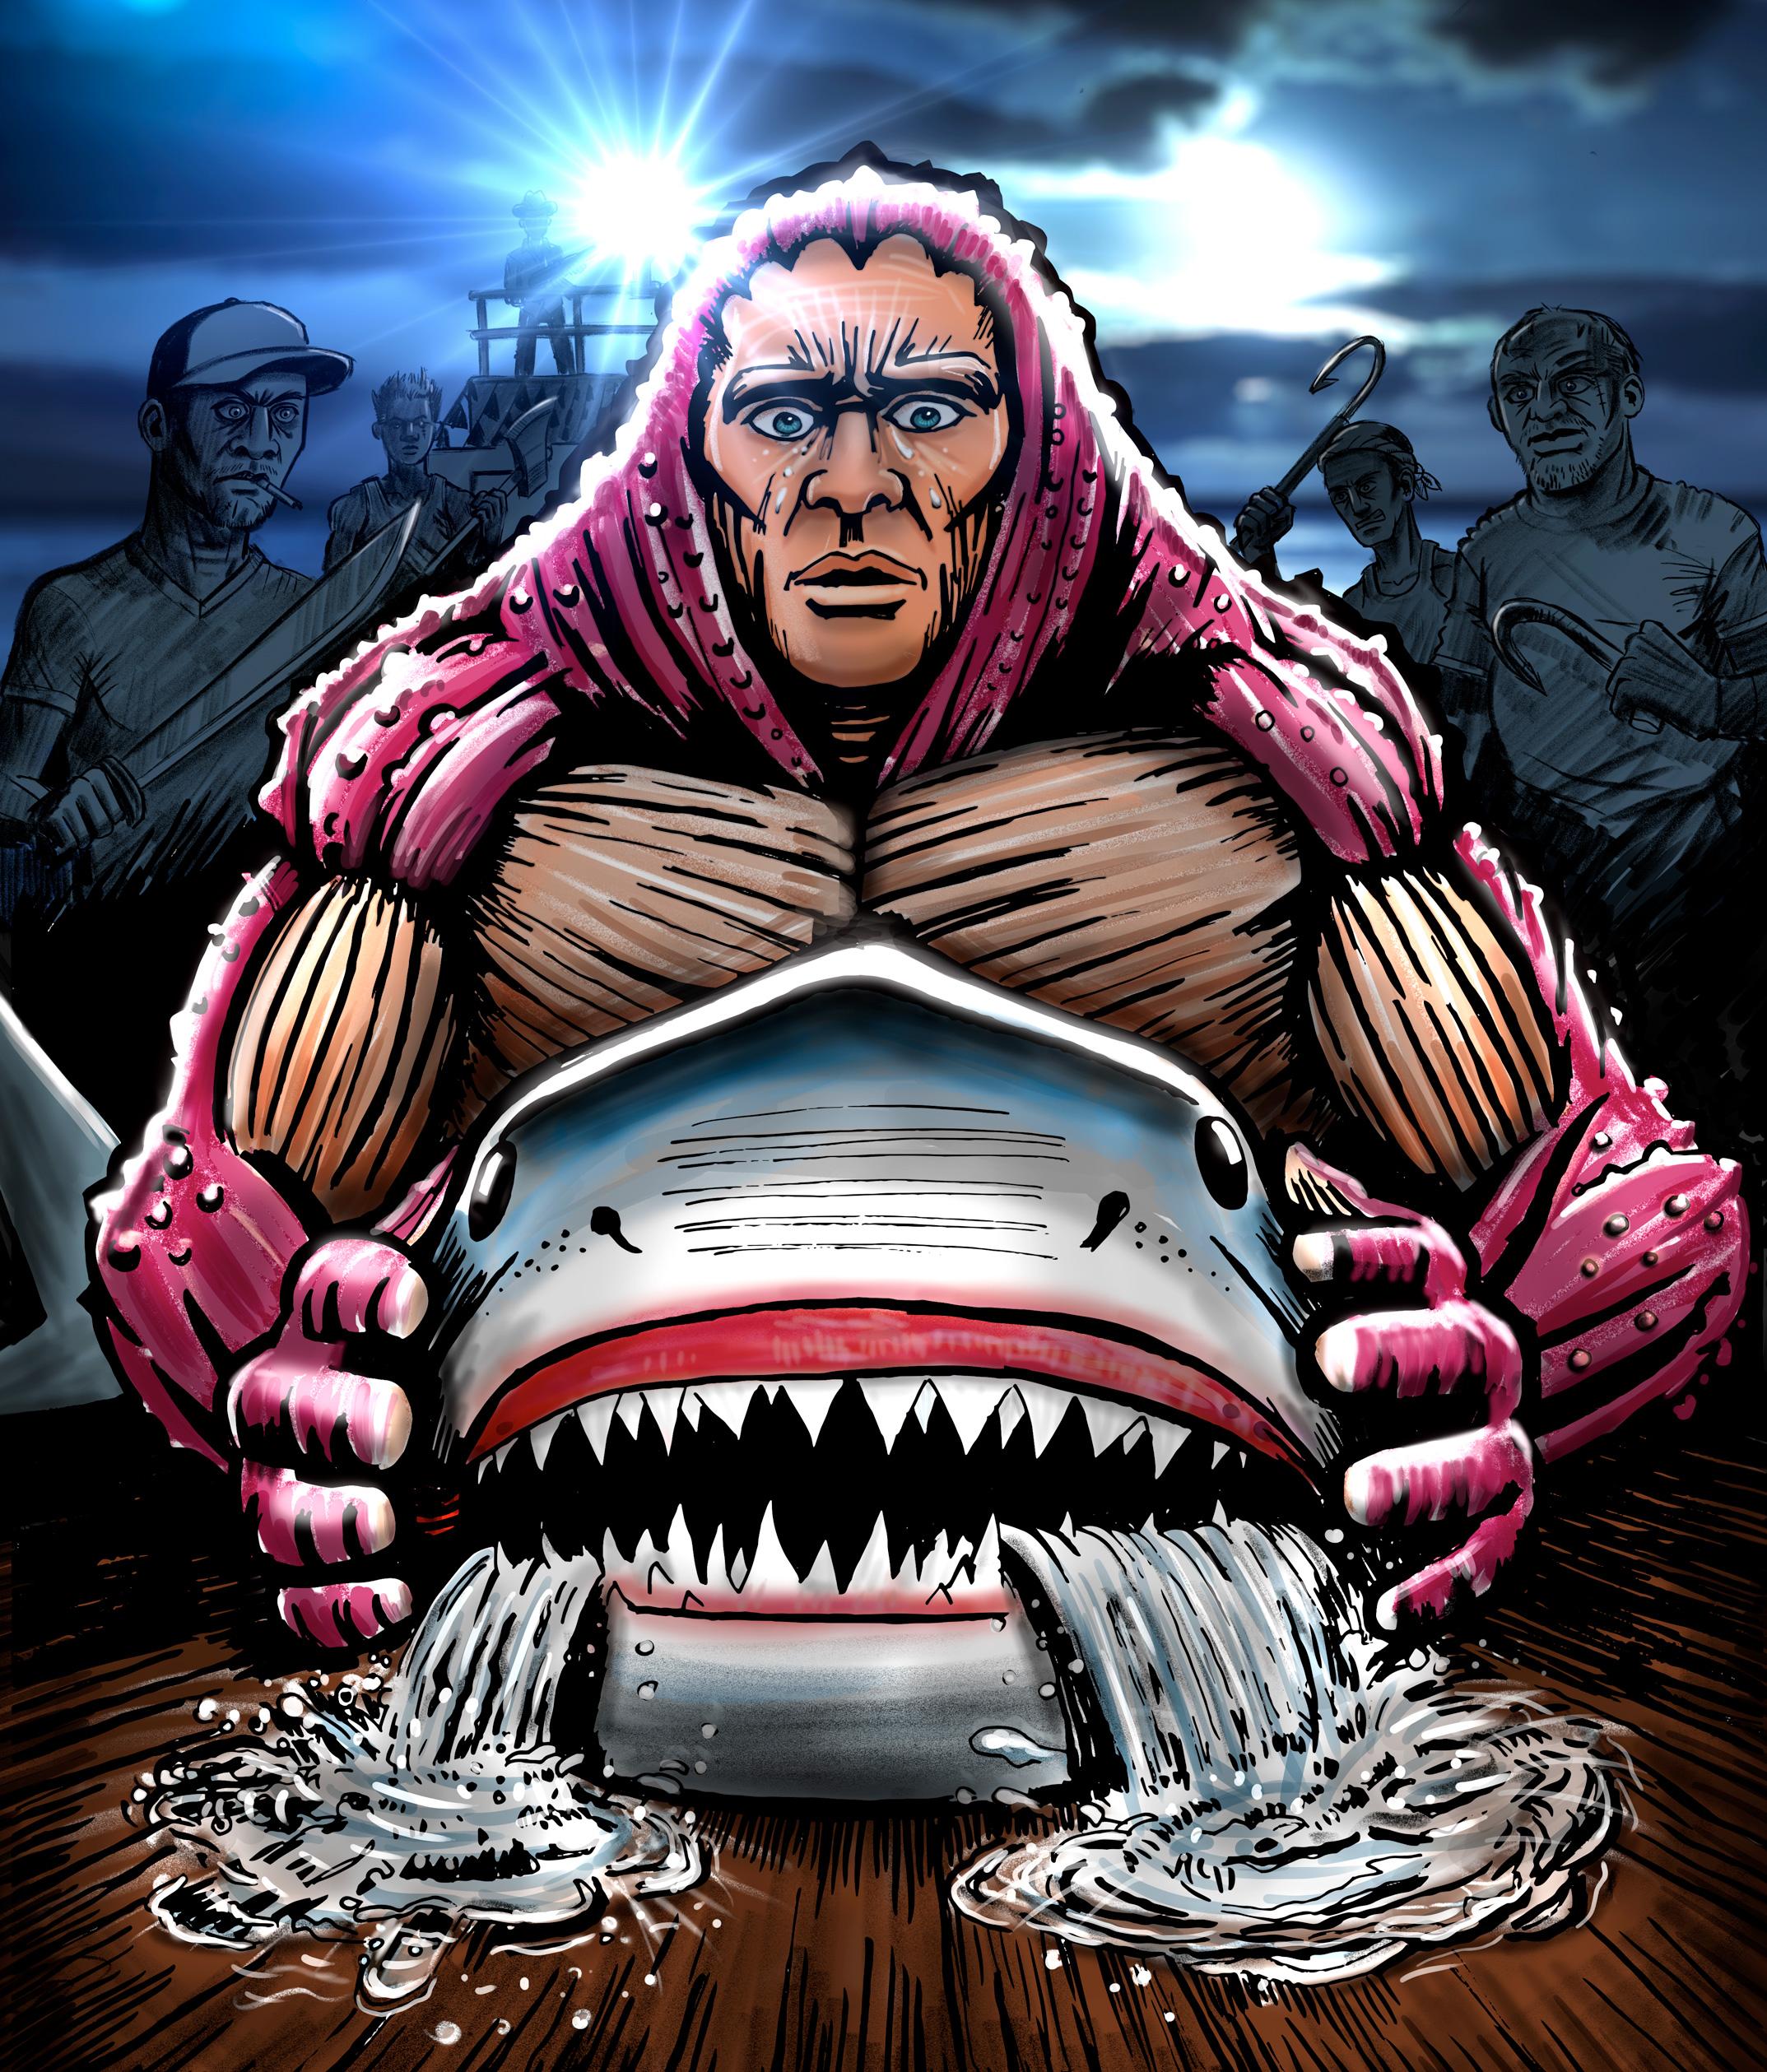 Starfishman - The Shark Finners